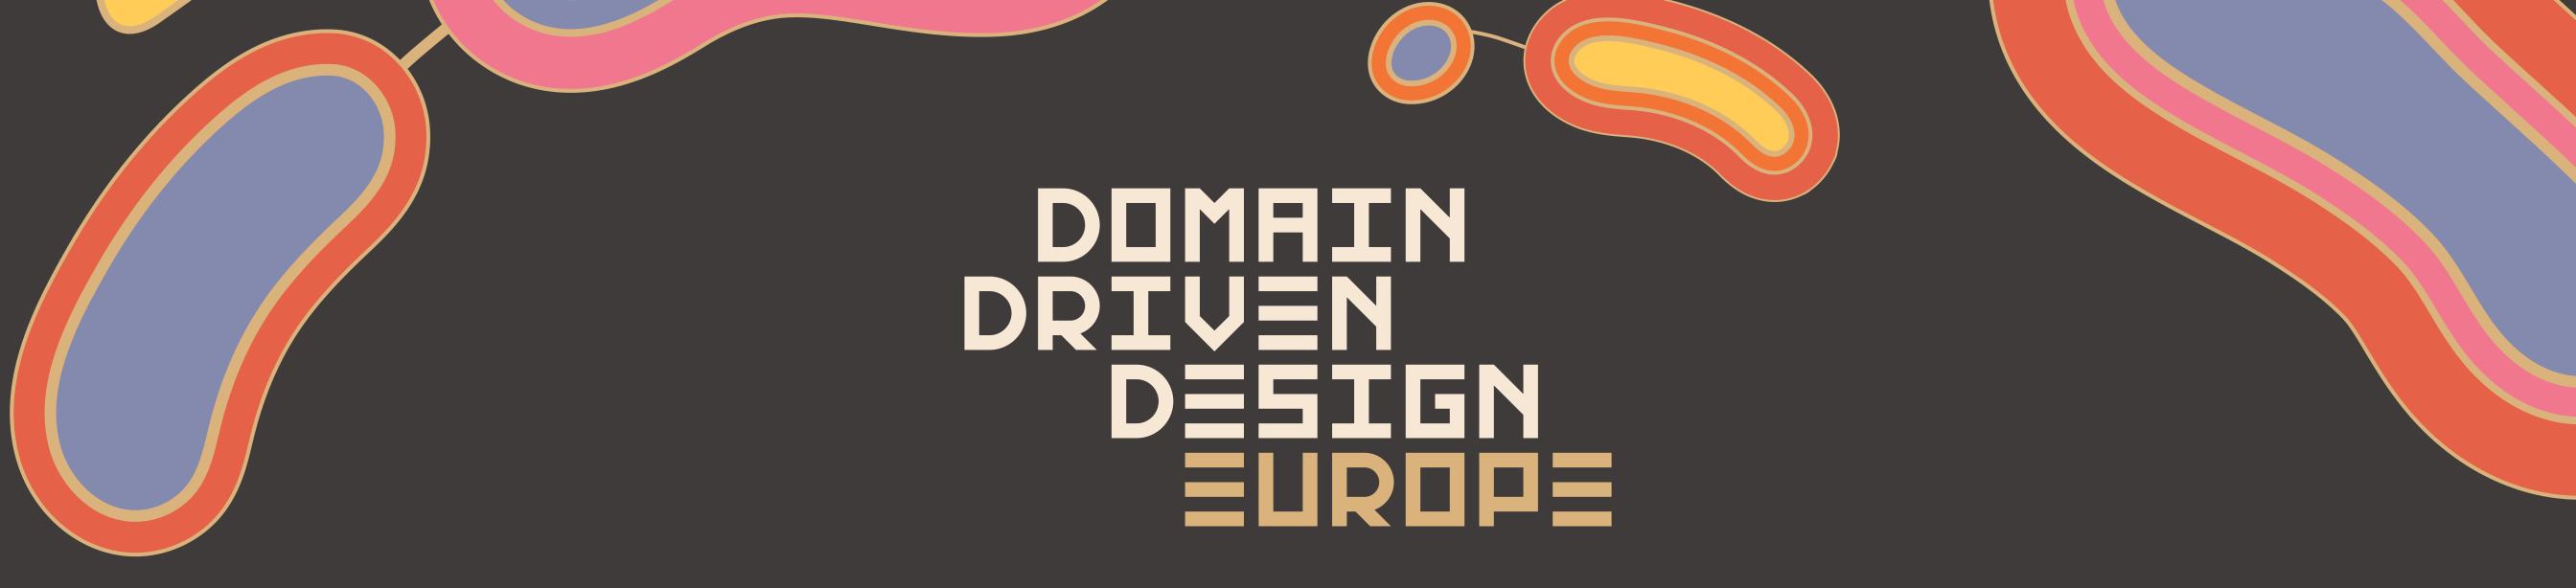 DDD Europe